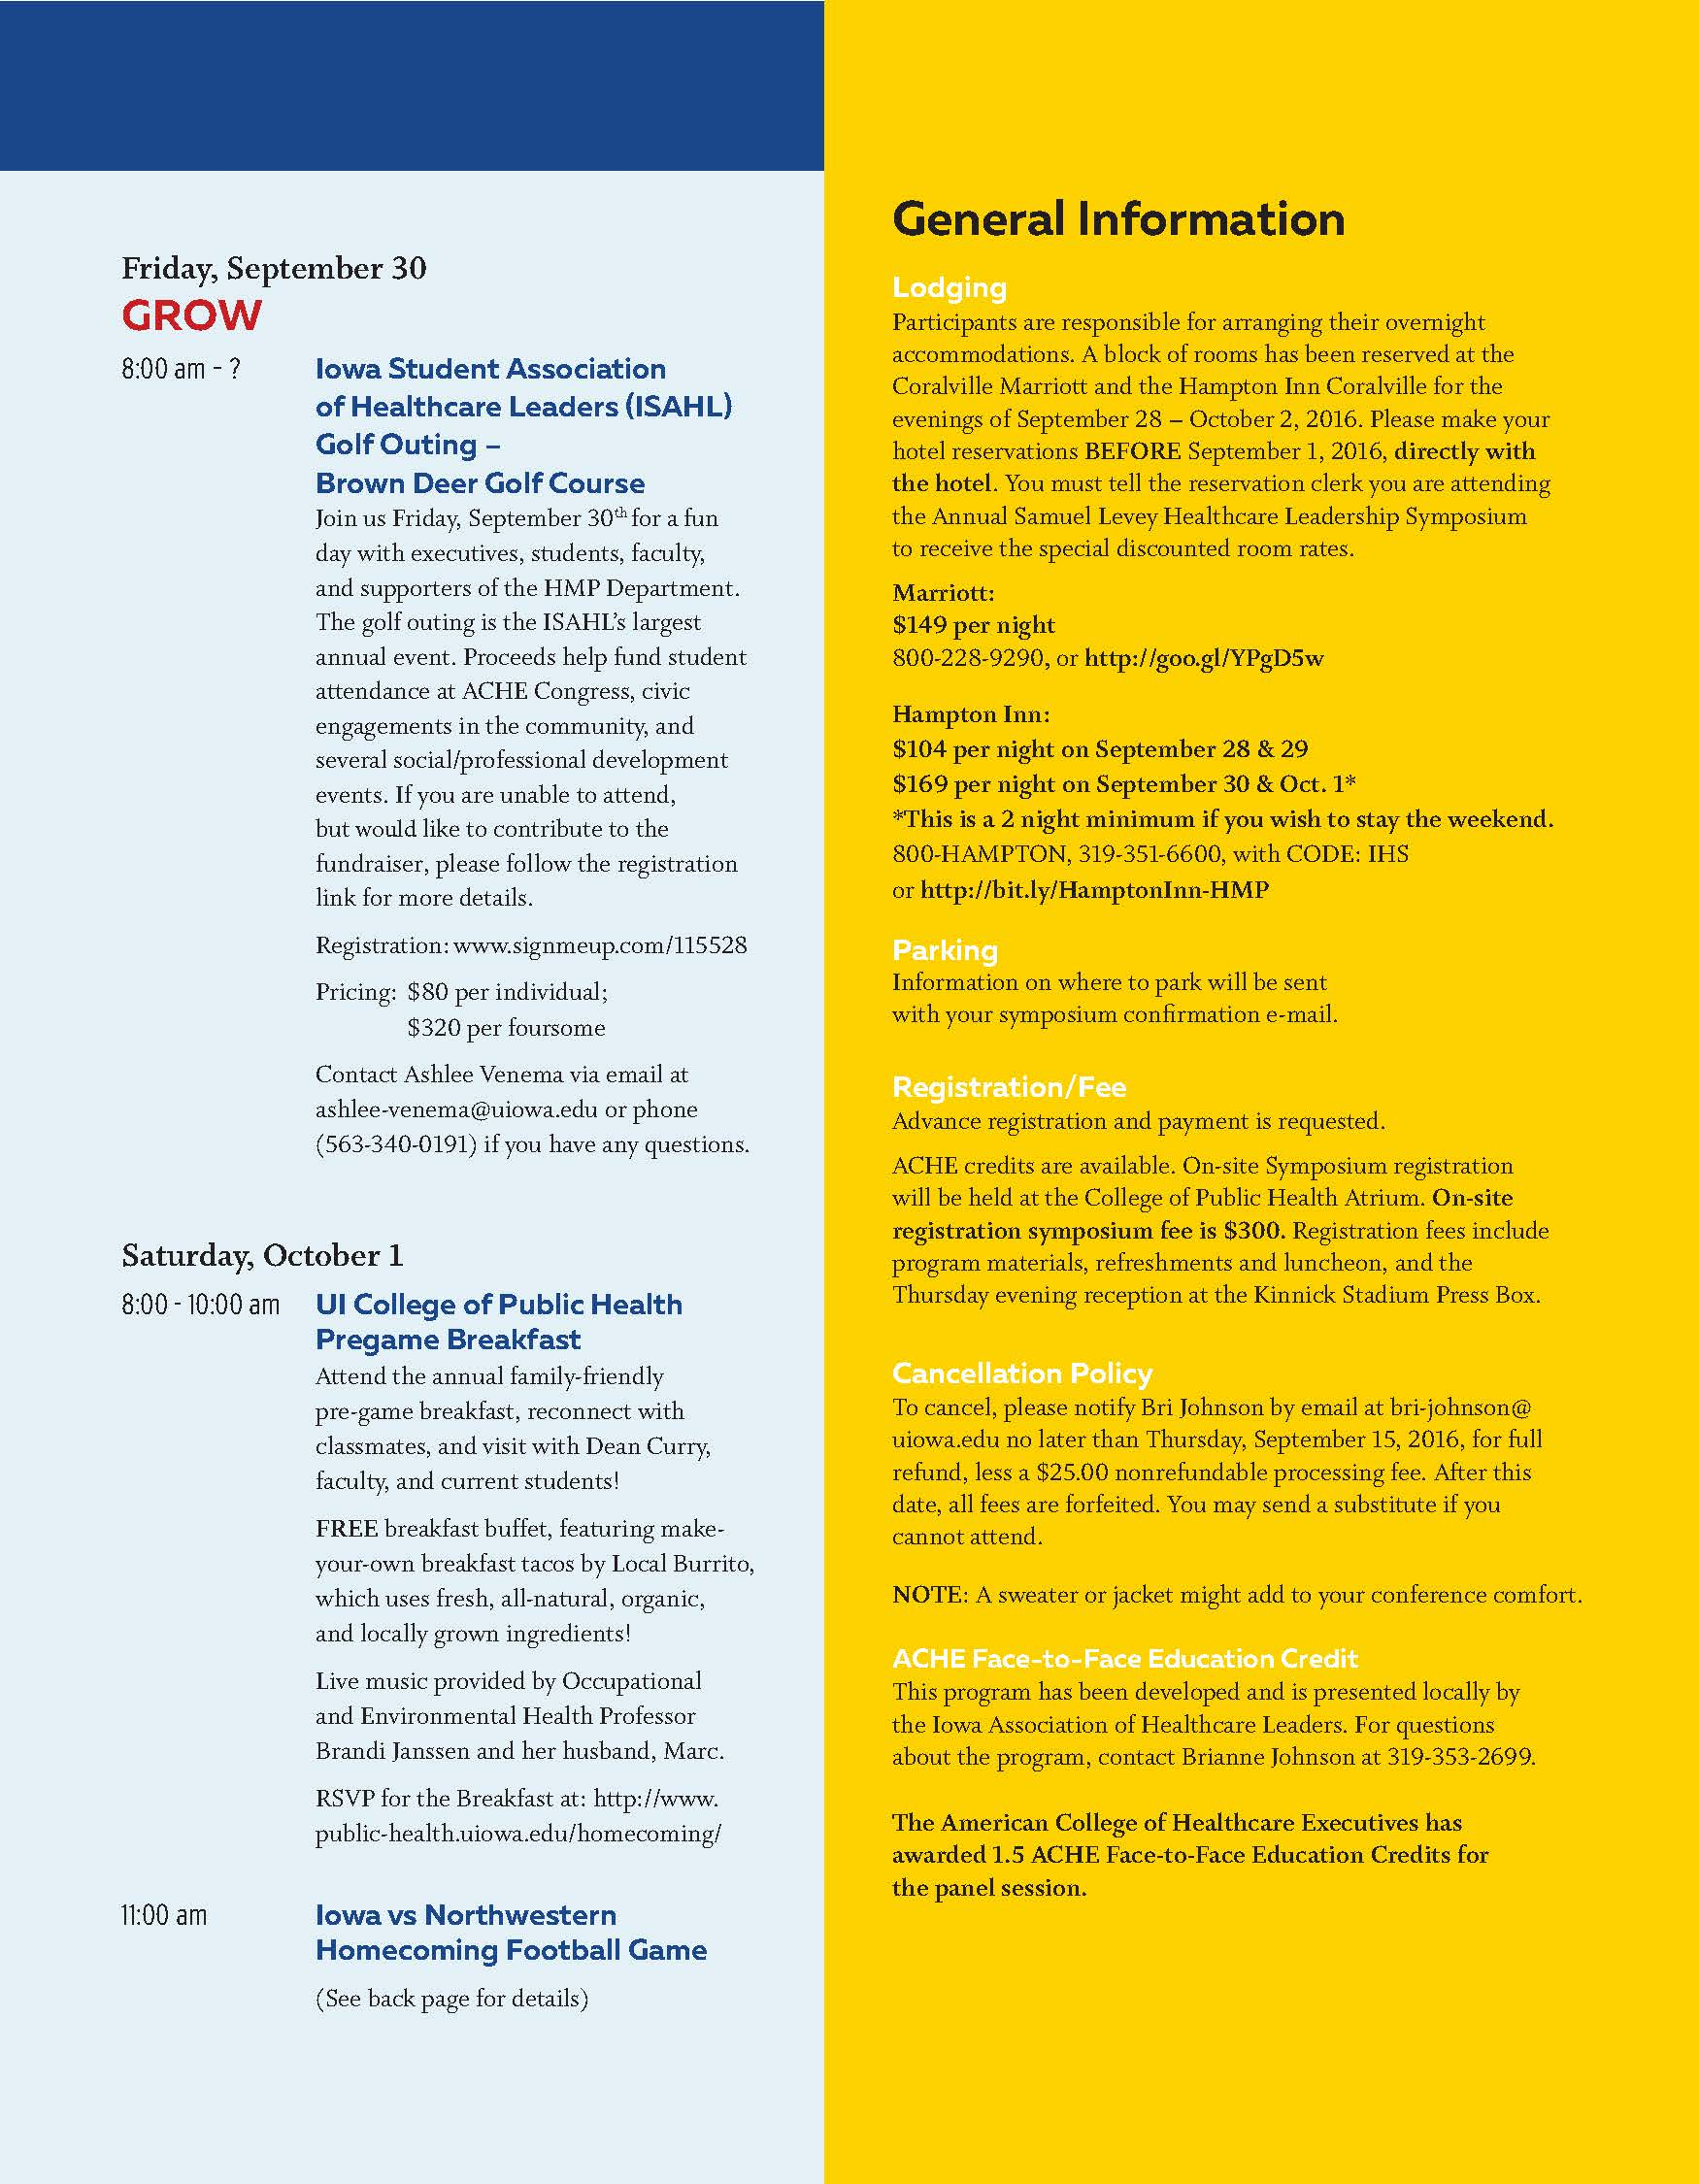 SLHL Symposium Agenda 2